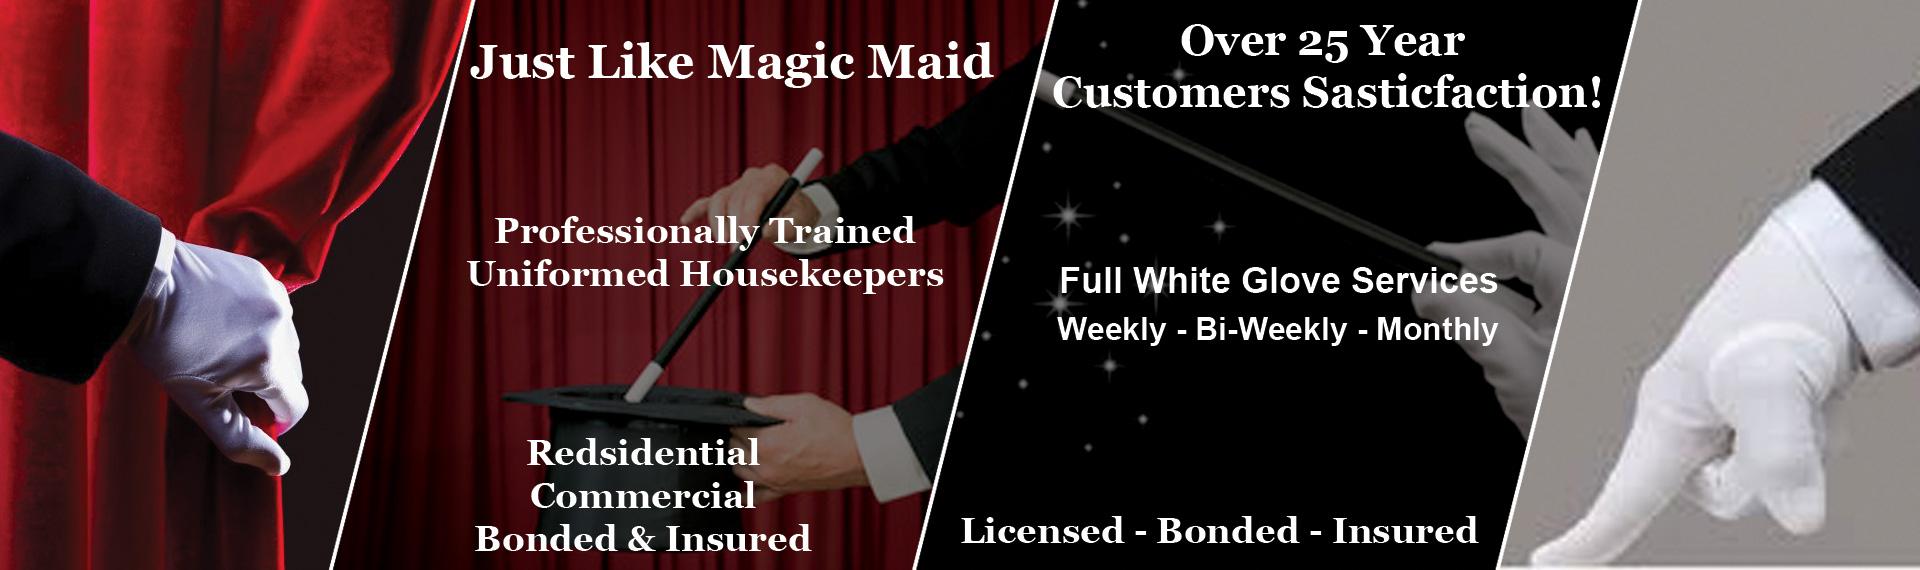 Just Like Magic Maids Redondo Beach CA